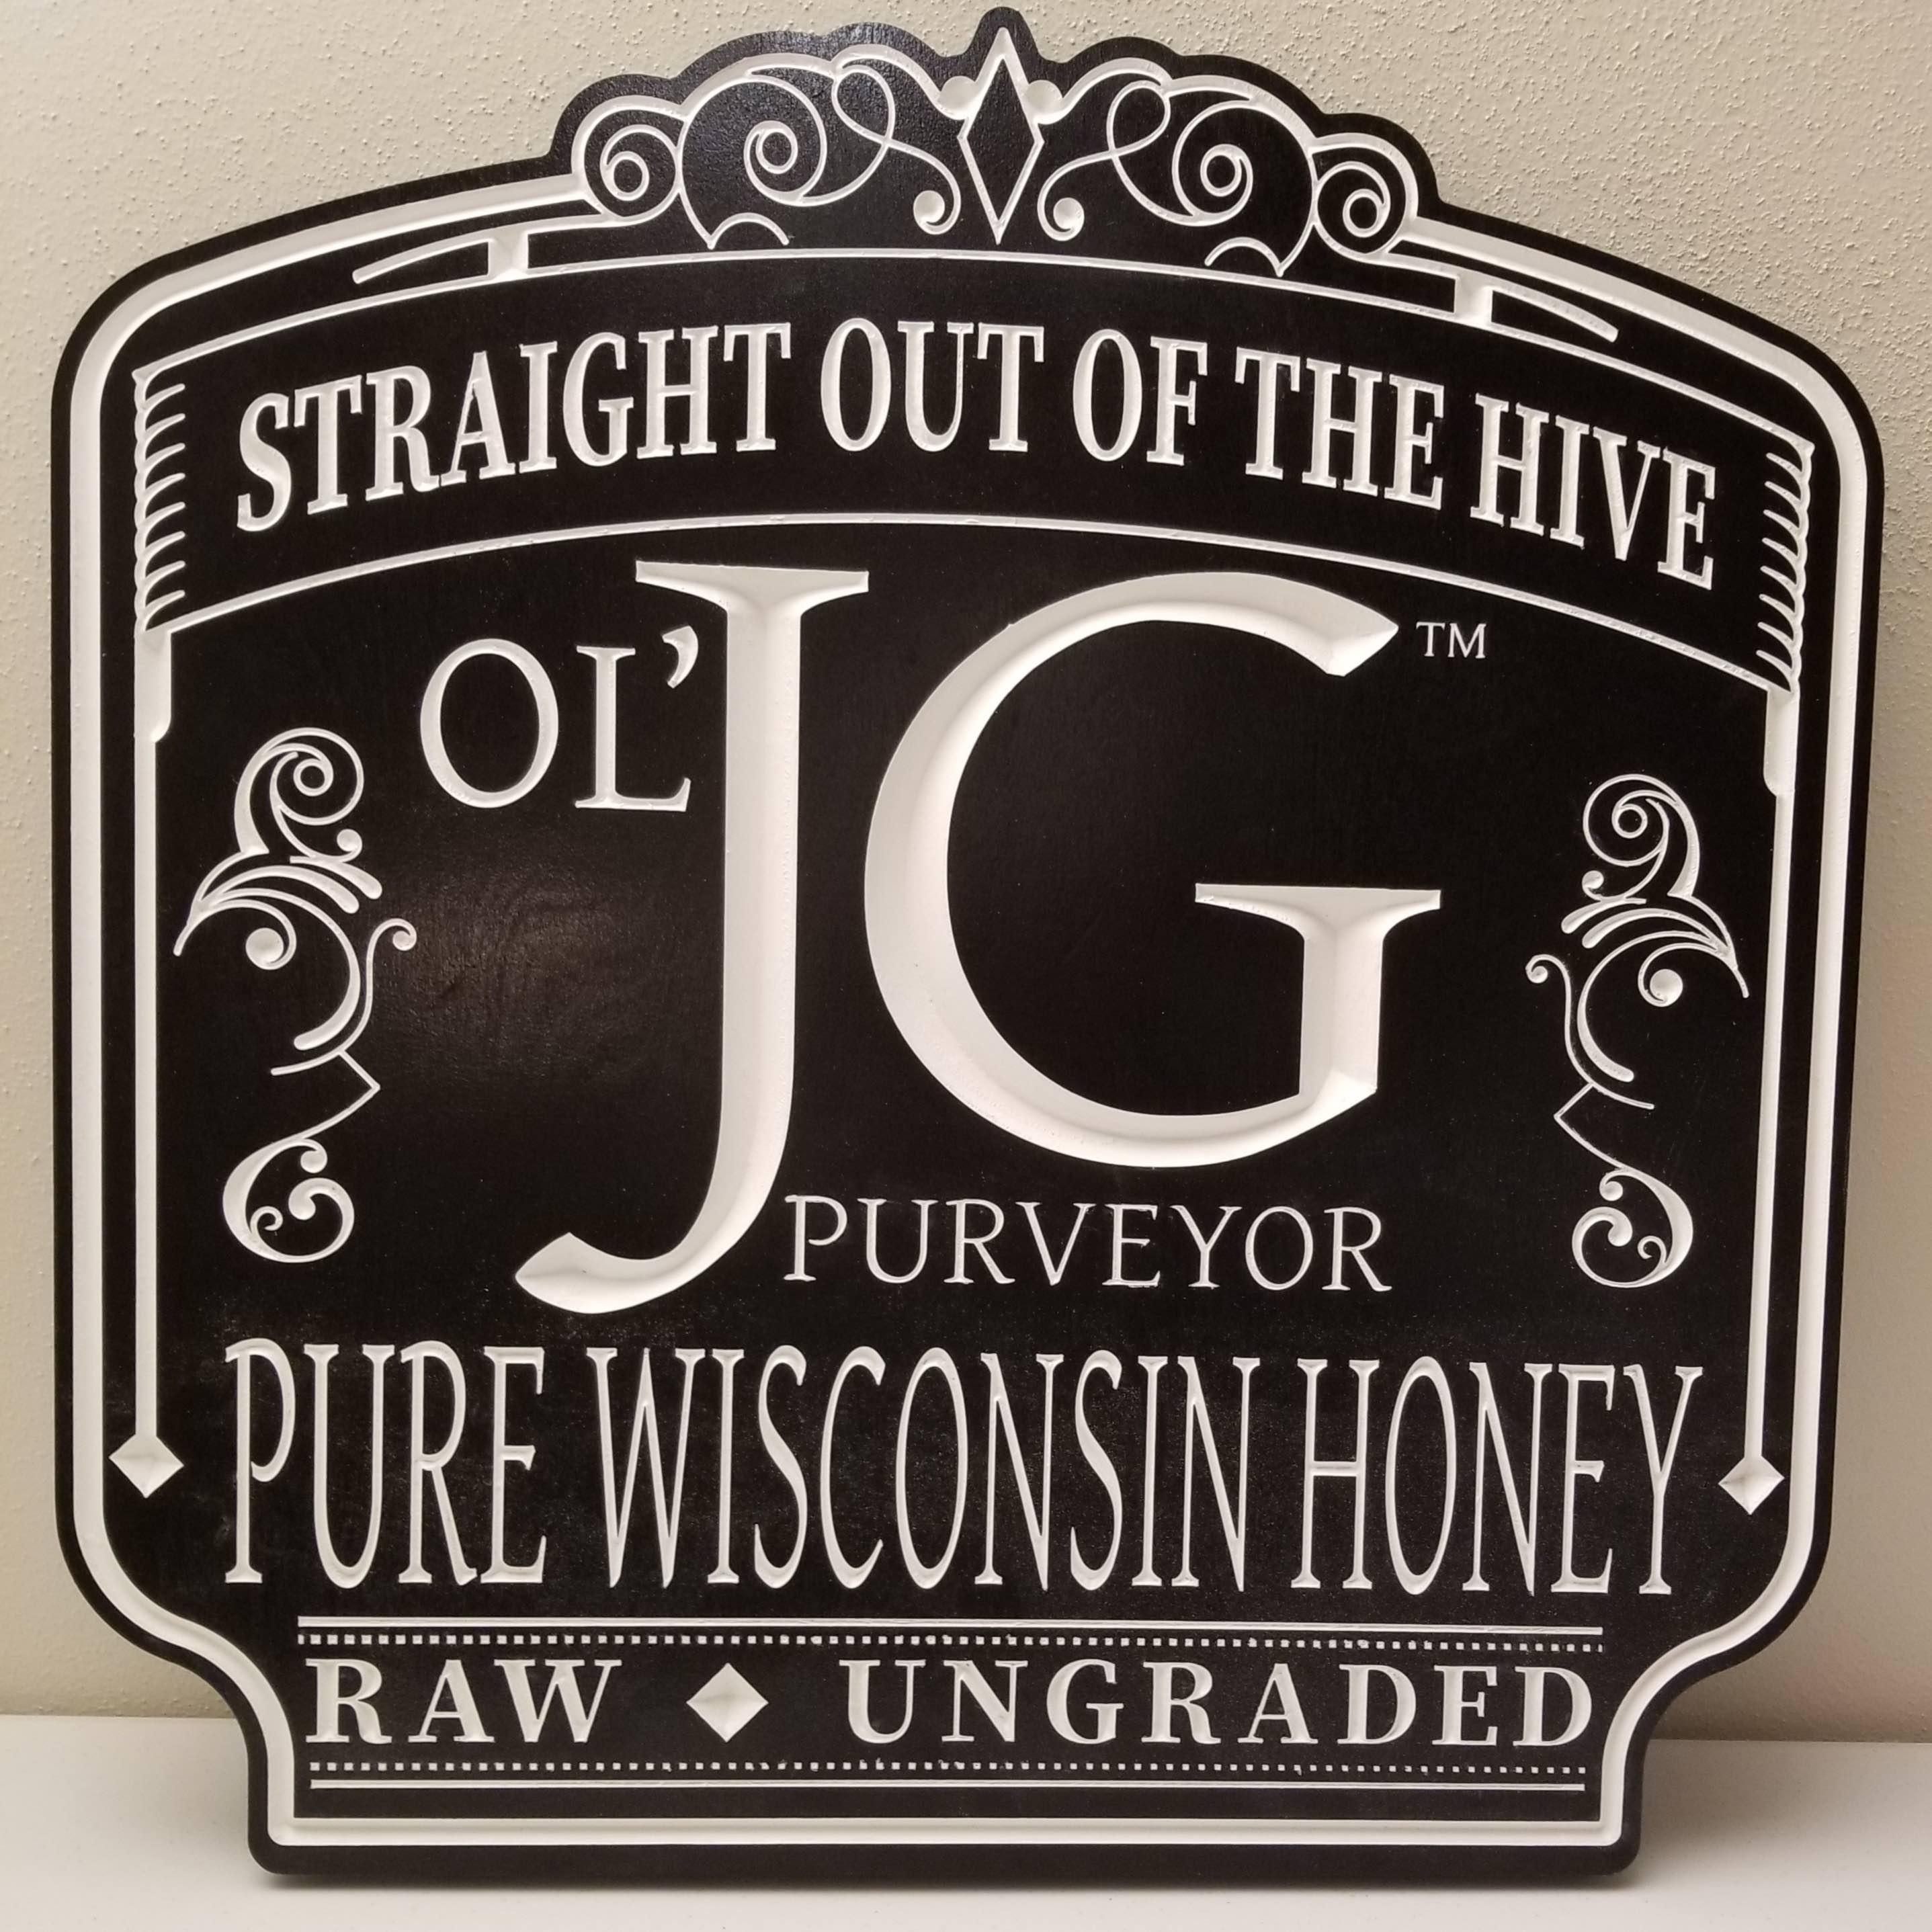 OL' JG Honey